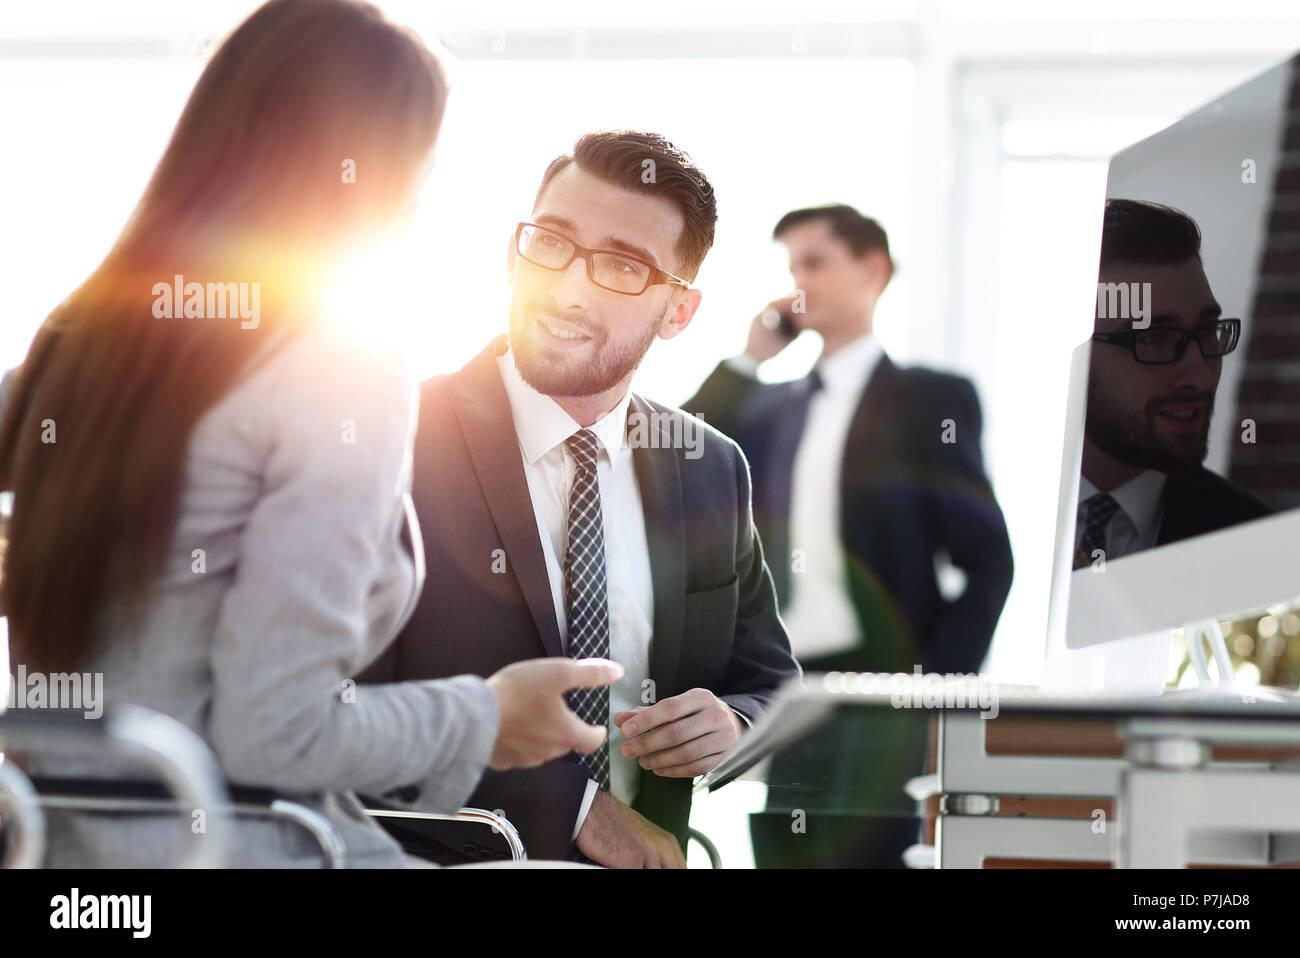 Zuversichtlich Mann im Gespräch mit seinem Gesprächspartner bei einem Vorstellungsgespräch Stockbild